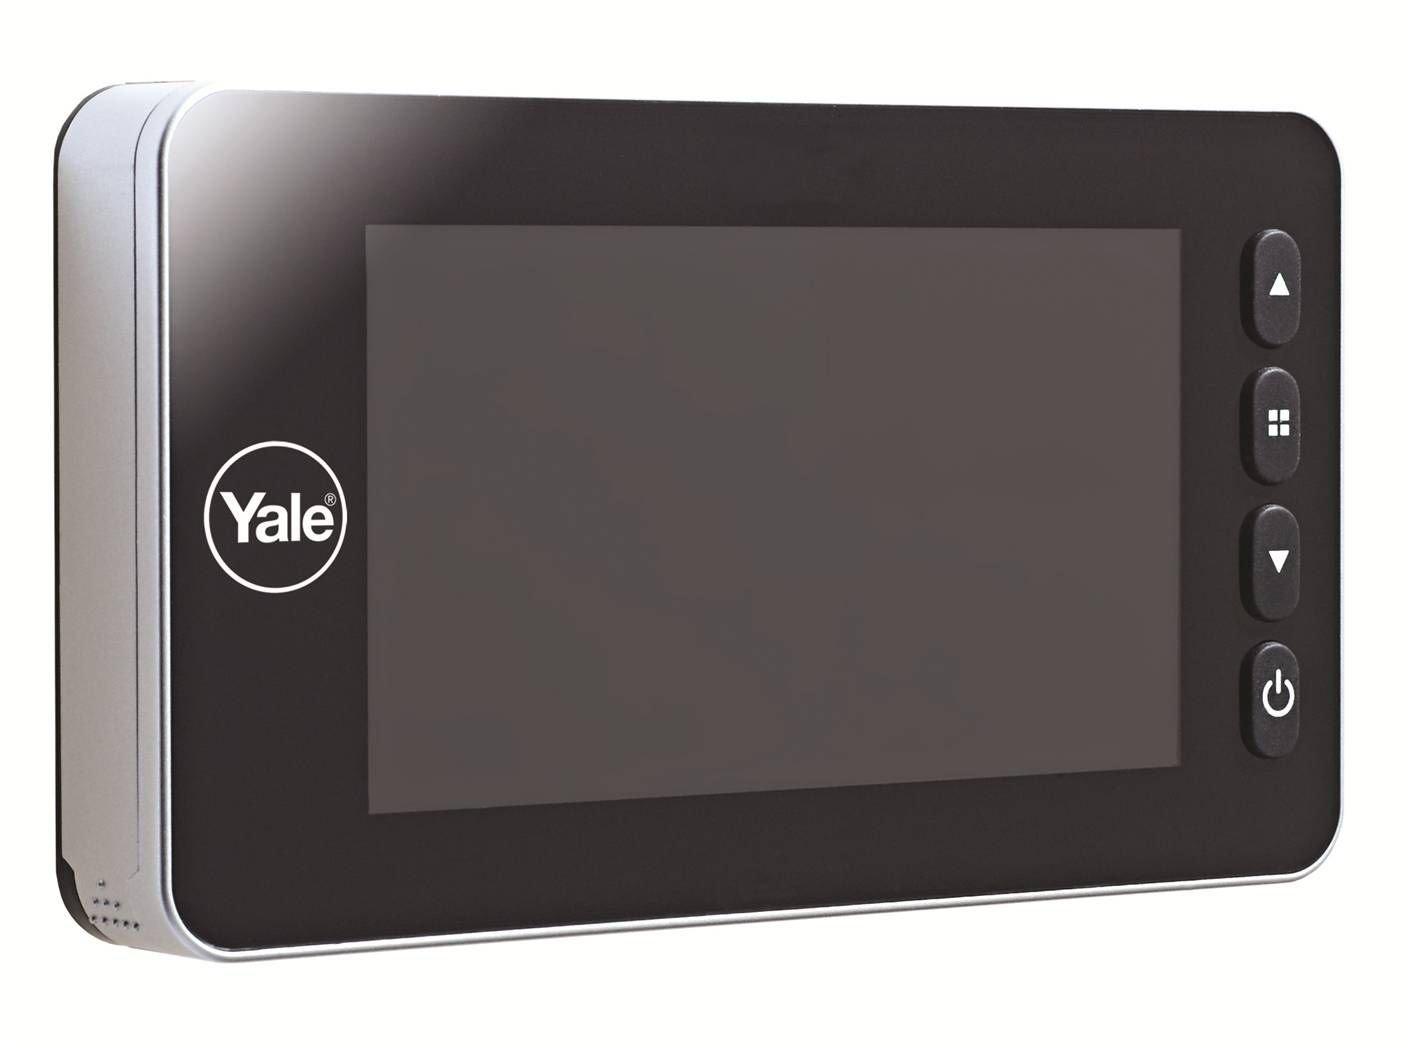 YALE DDV5800